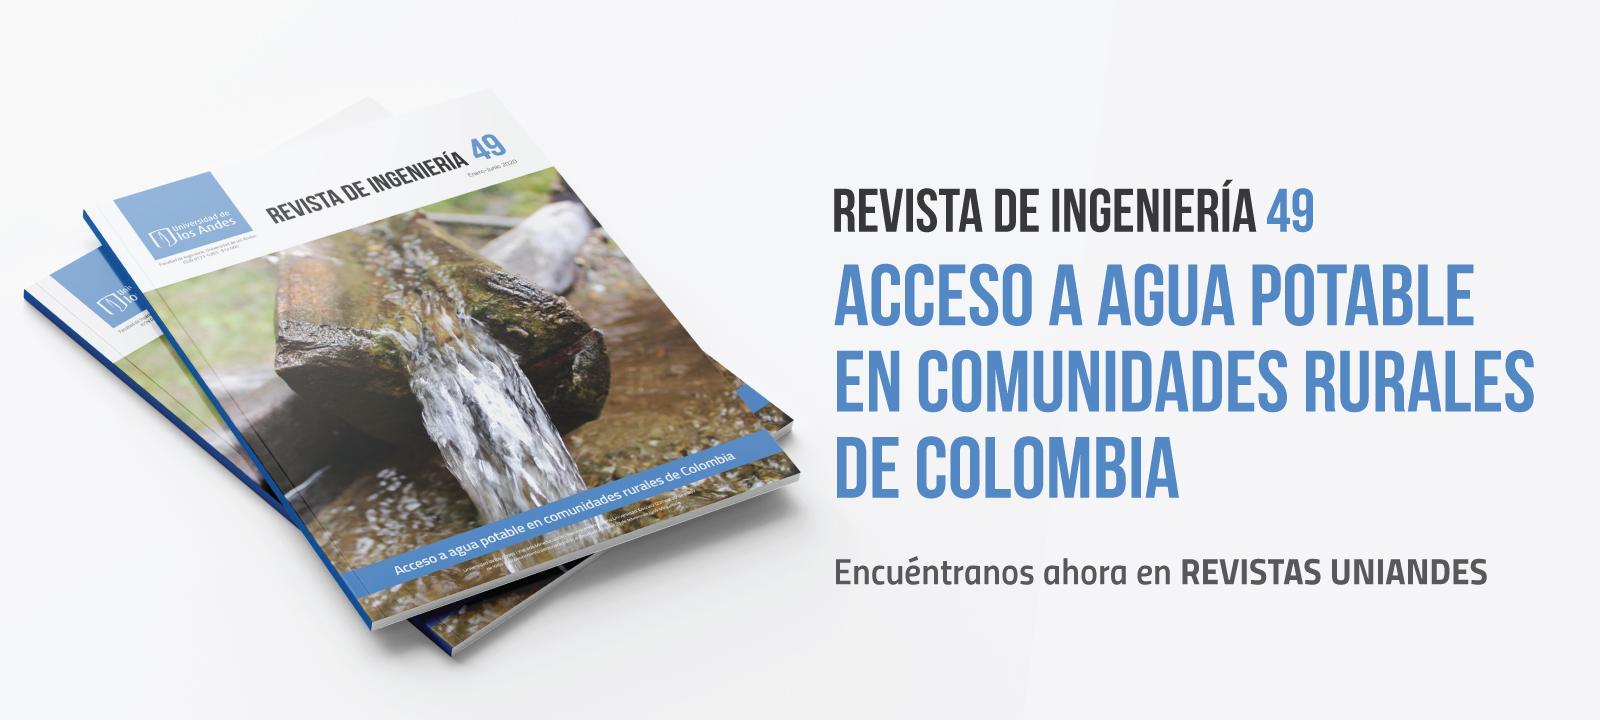 Revista de Ingenieria No. 49 - Acceso a agua potable en la ruralidad colombiana